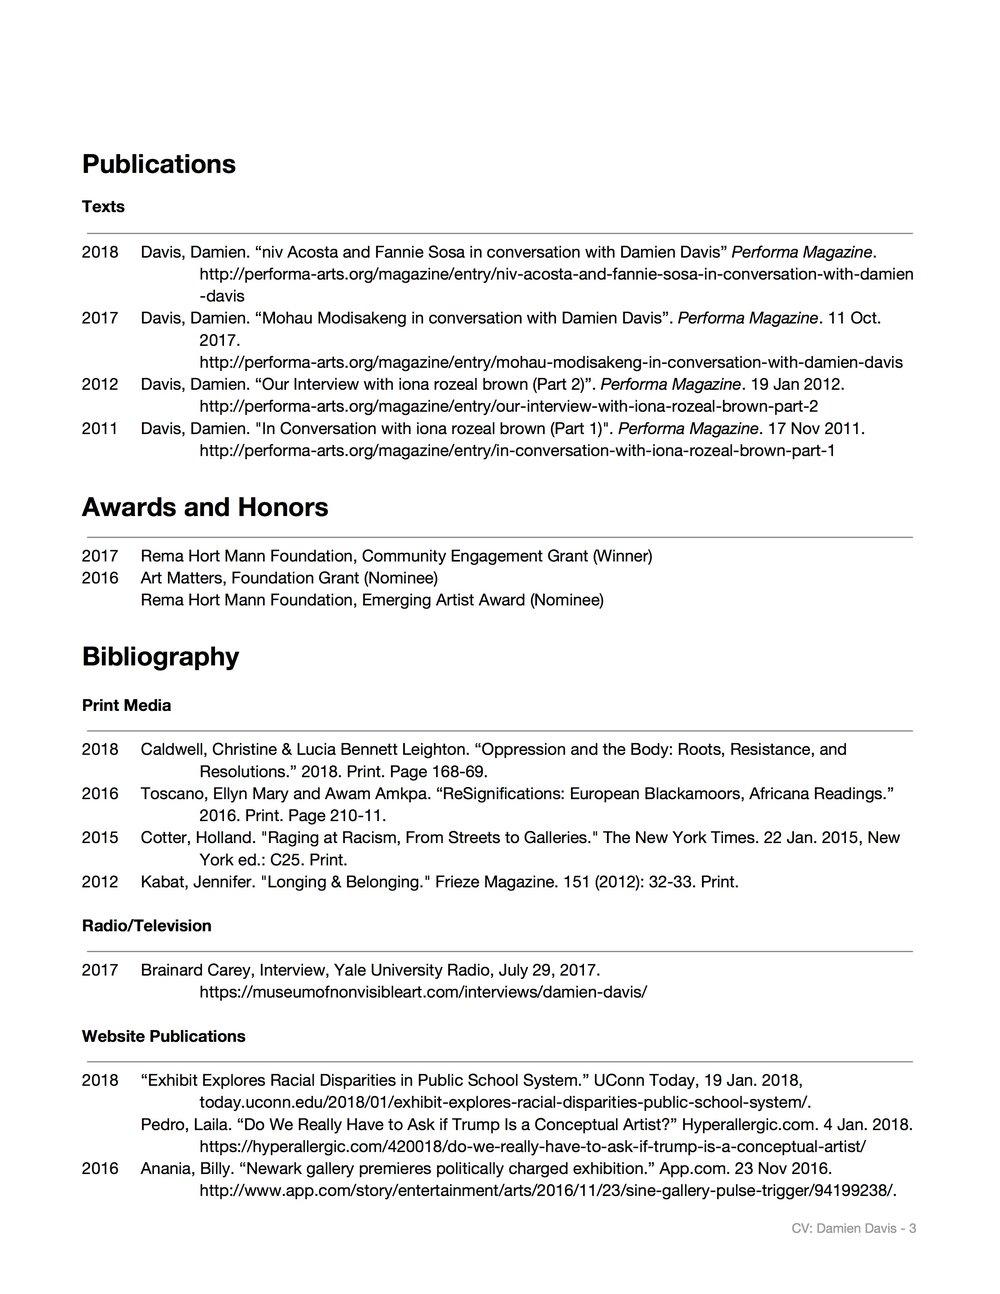 CV (Damien Davis) (2)c.jpg